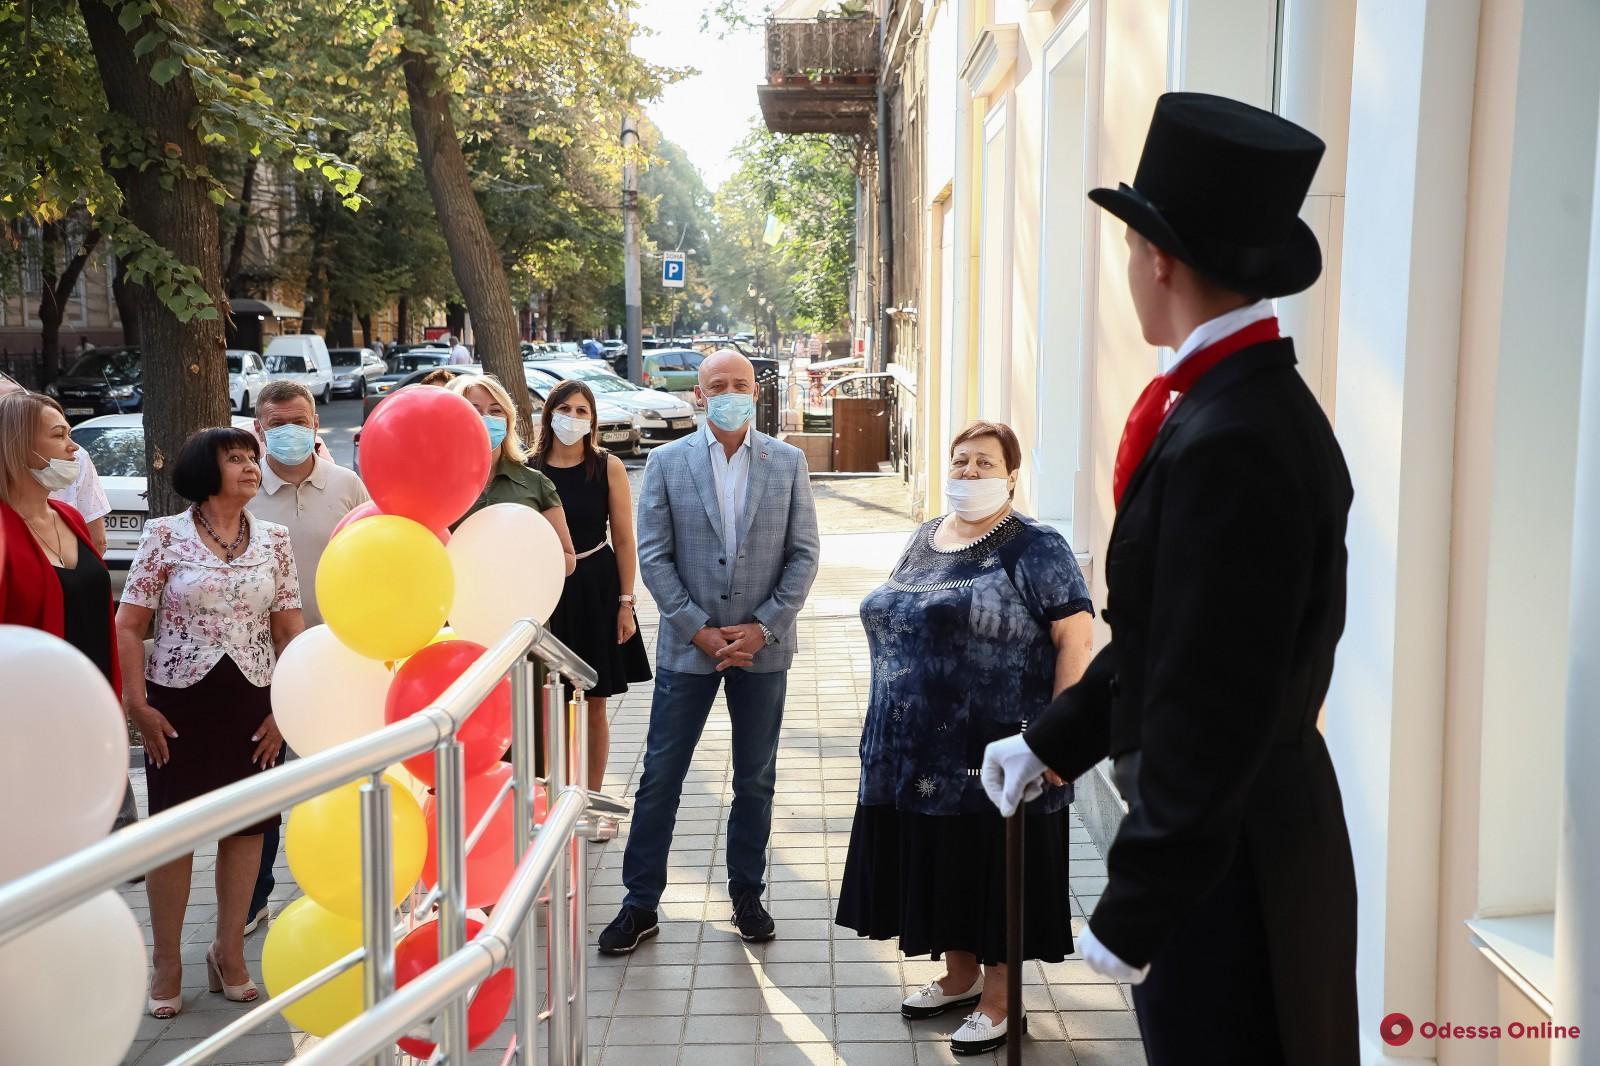 В Одессе после капитального ремонта открылась школа № 75 (фото и видео)